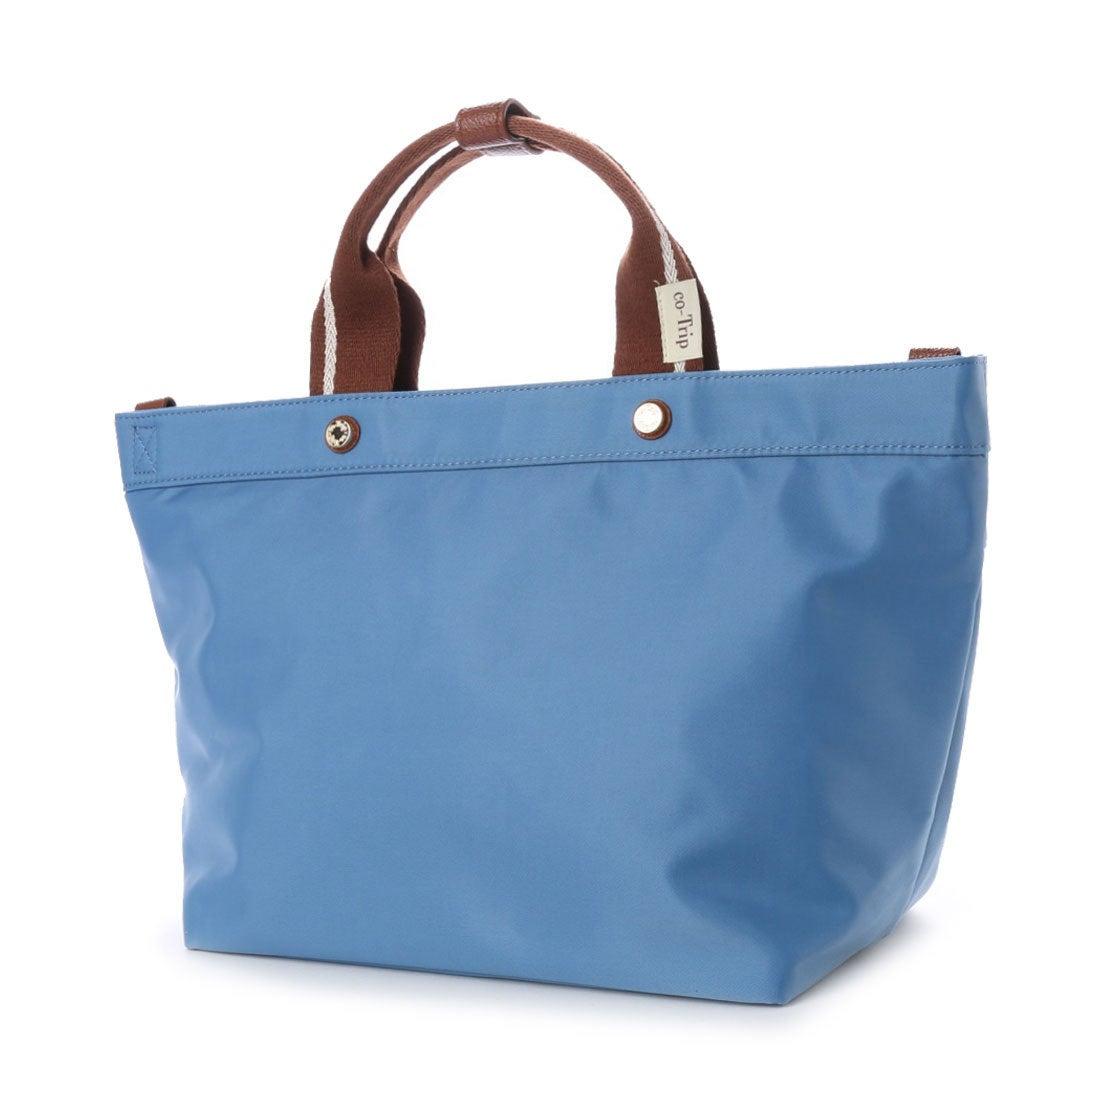 コトリップ ことりっぷ 軽量 普段使いにぴったりなことりっぷ トートバッグ (ブルー) レディース